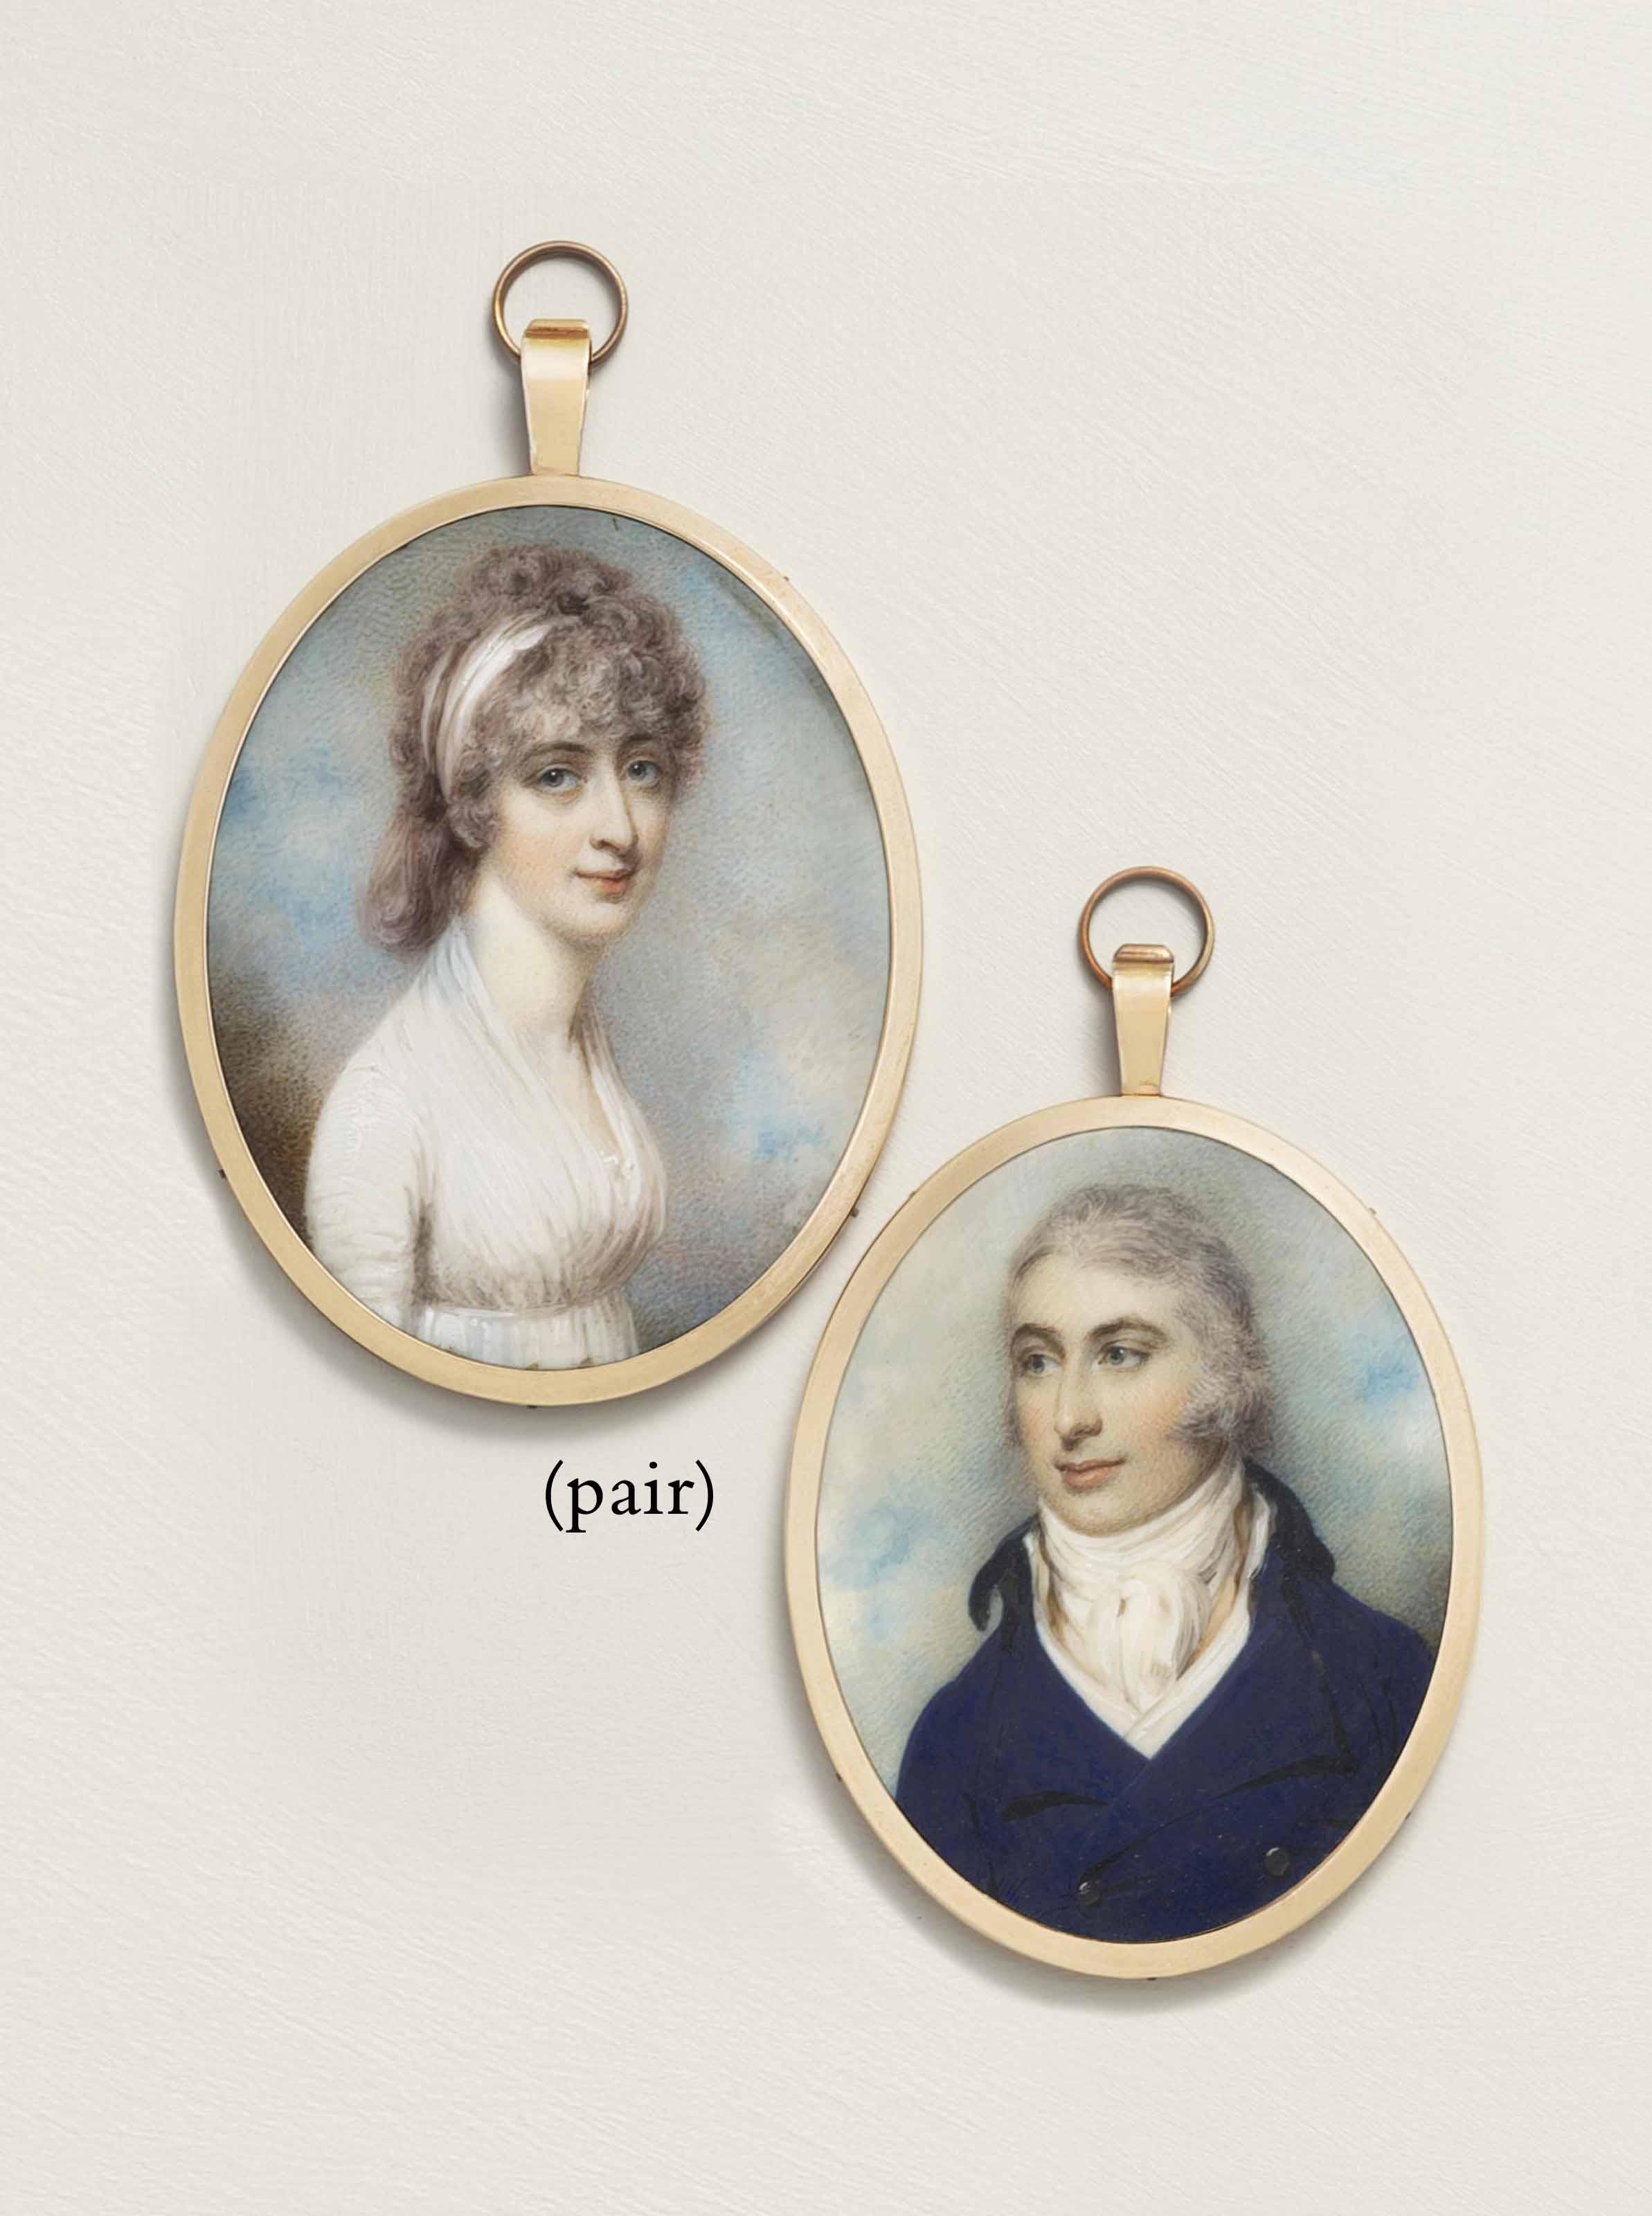 WILLIAM WOOD (BRITISH, 1769-1810)